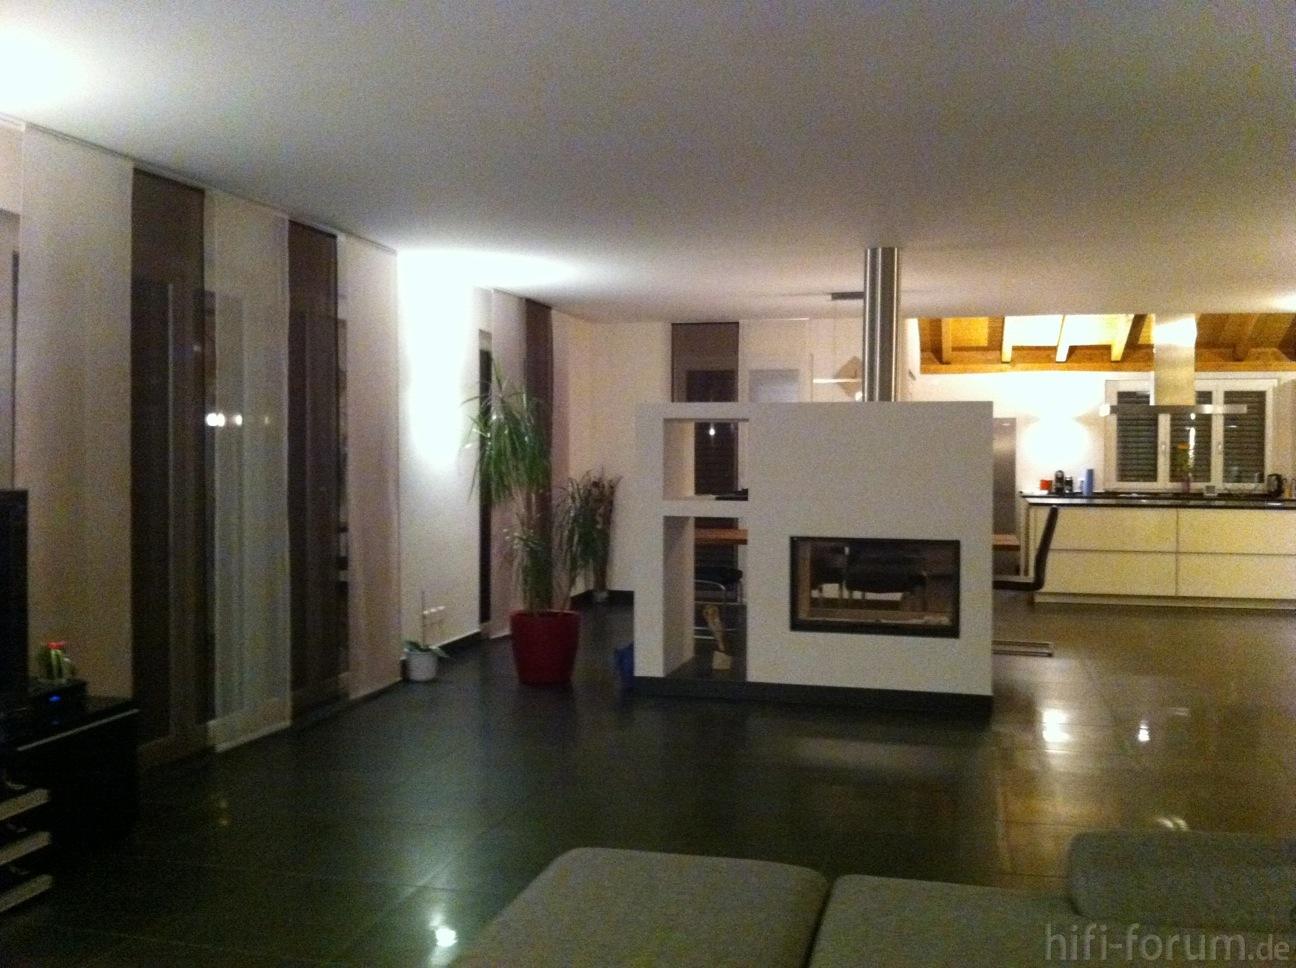 Blick vom Wohnzimmer in die offene Küche | blick, heimkino, küche ...